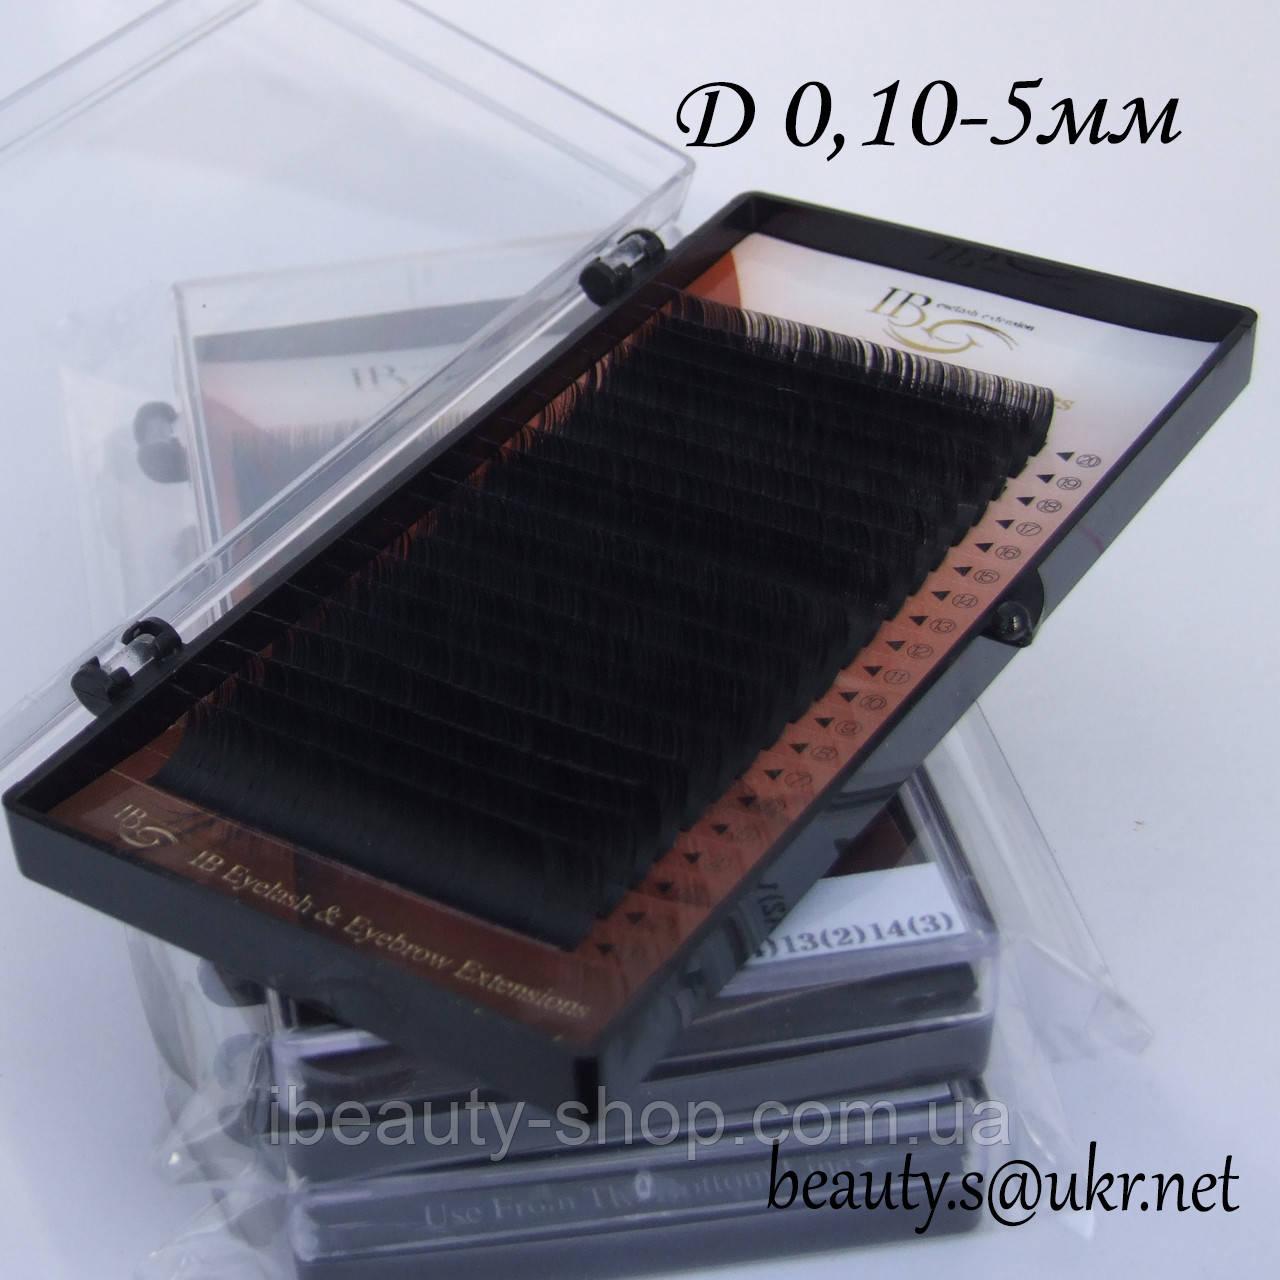 Вії I-Beauty на стрічці D-0,10 5мм